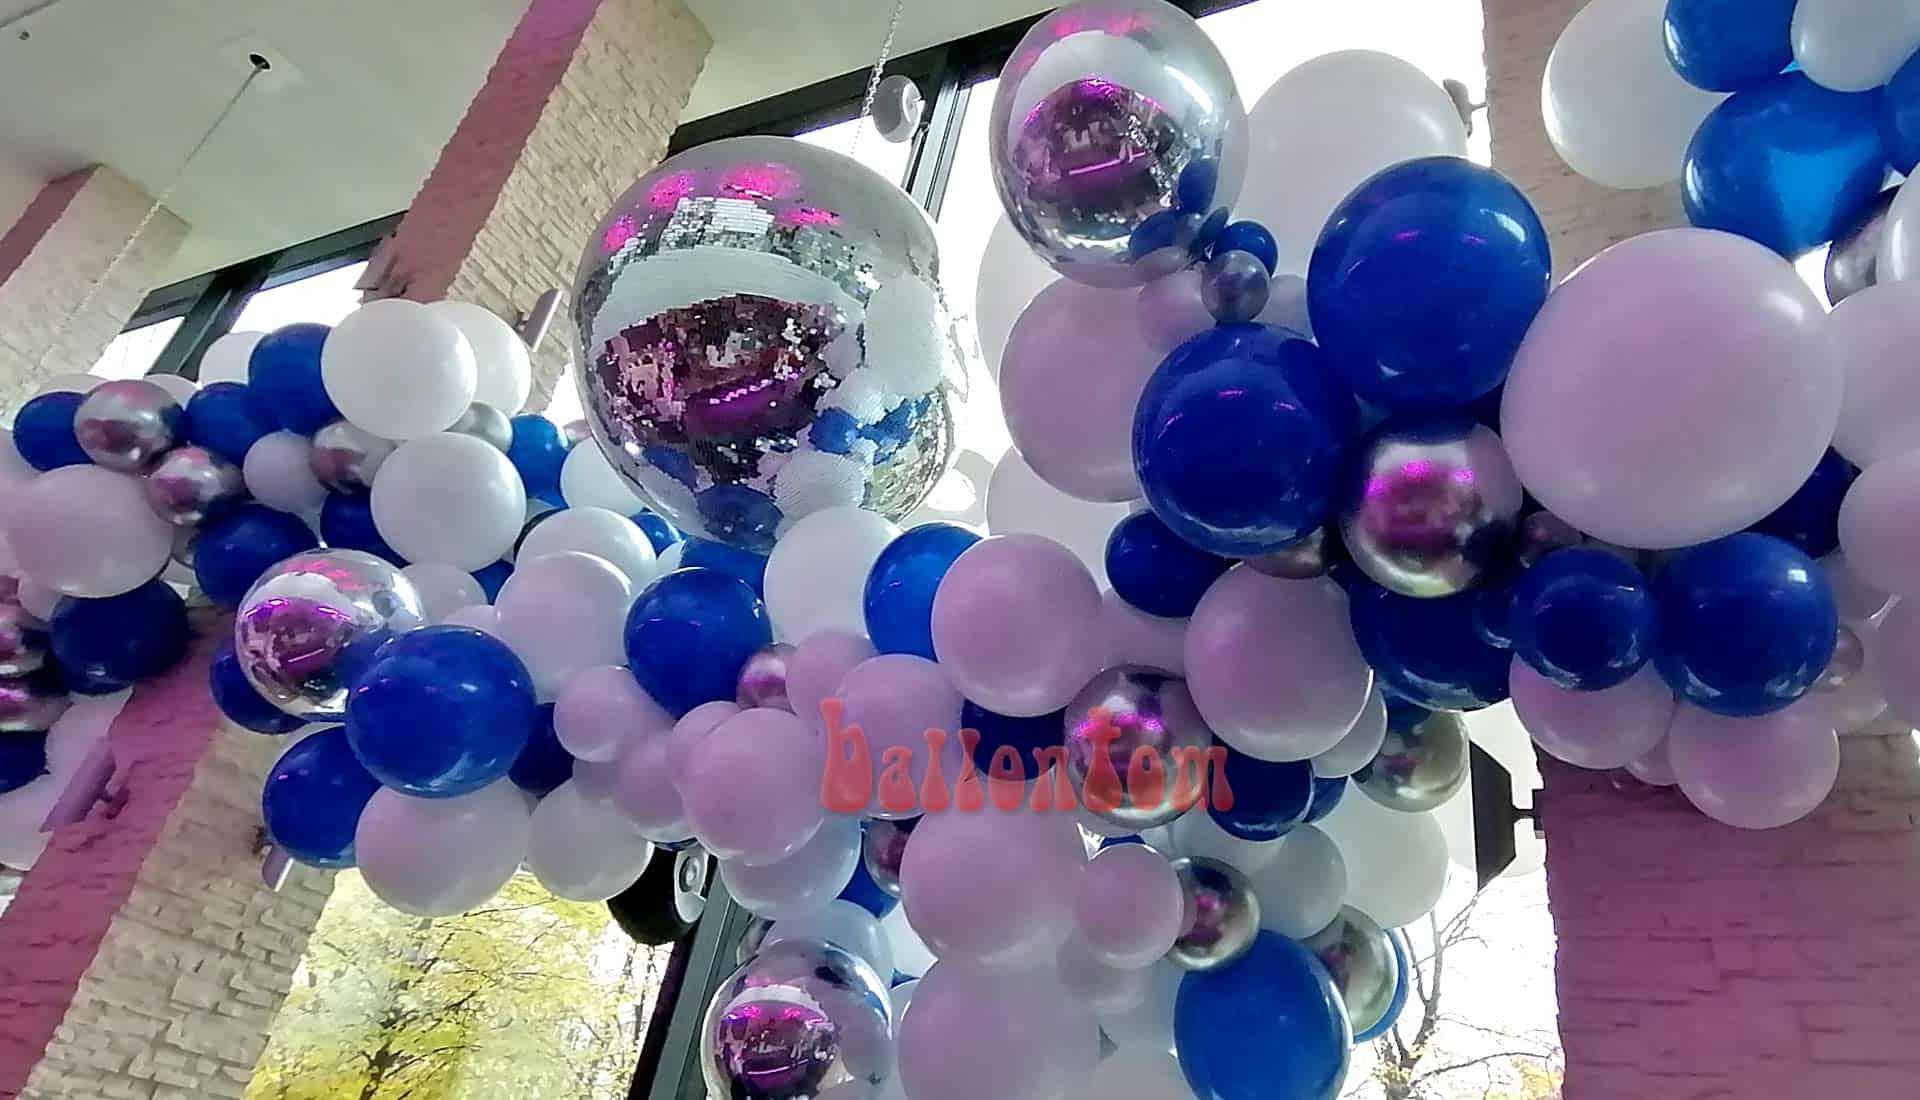 Organic Ballon Dekoration in der Stiglerie in München - Projekt + Durchführung von ballontom